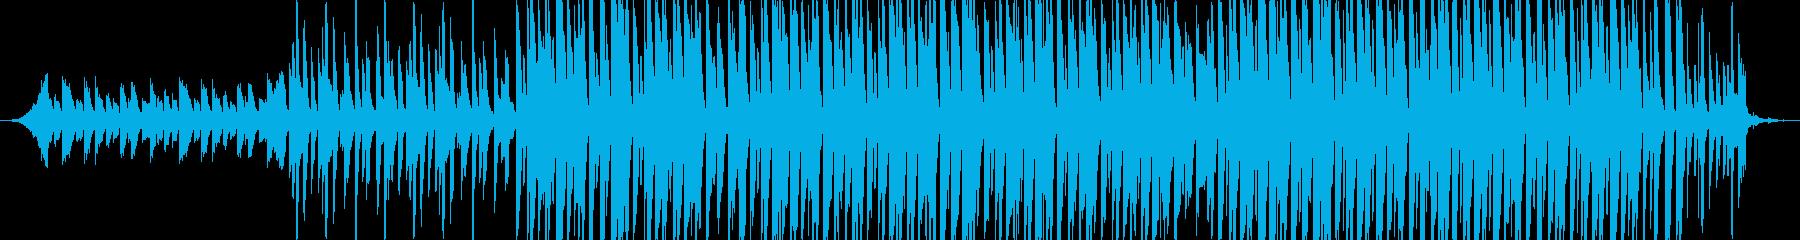 ピアノフレーズが印象的な哀愁のあるEDMの再生済みの波形